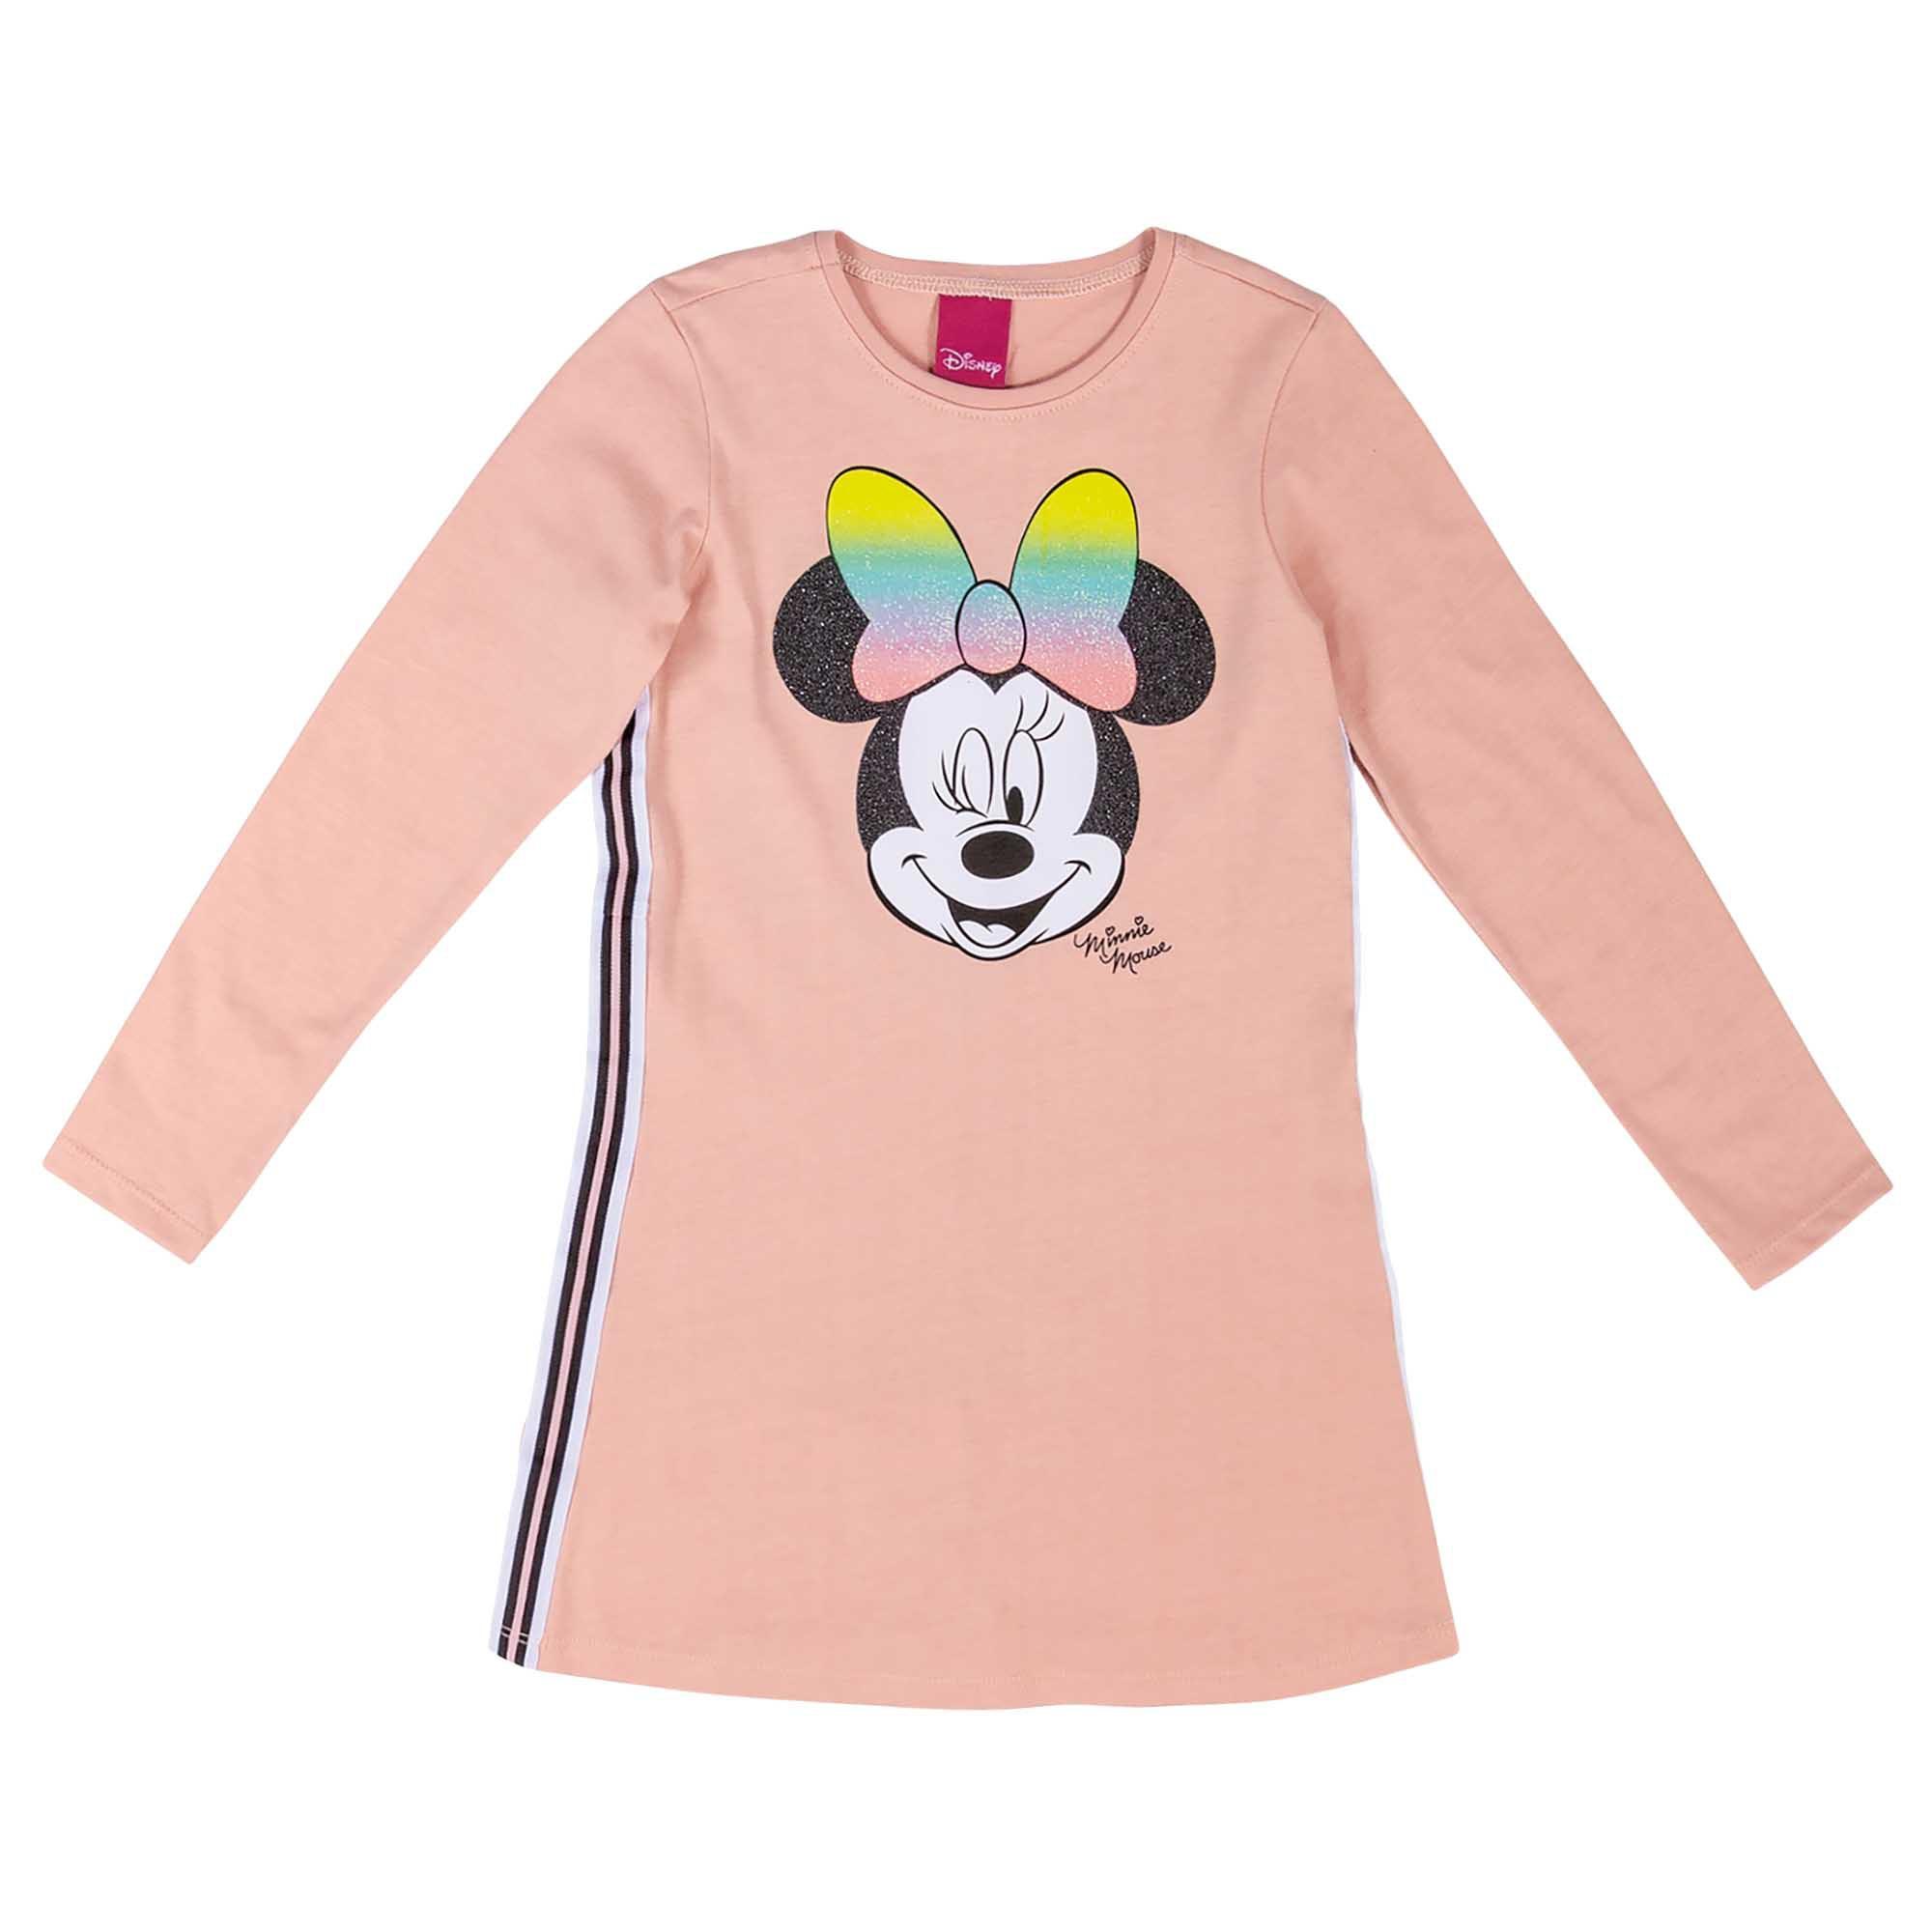 Vestido Cativa Estampa Minnie Piscando com Faixa Lateral - 4 ao 10